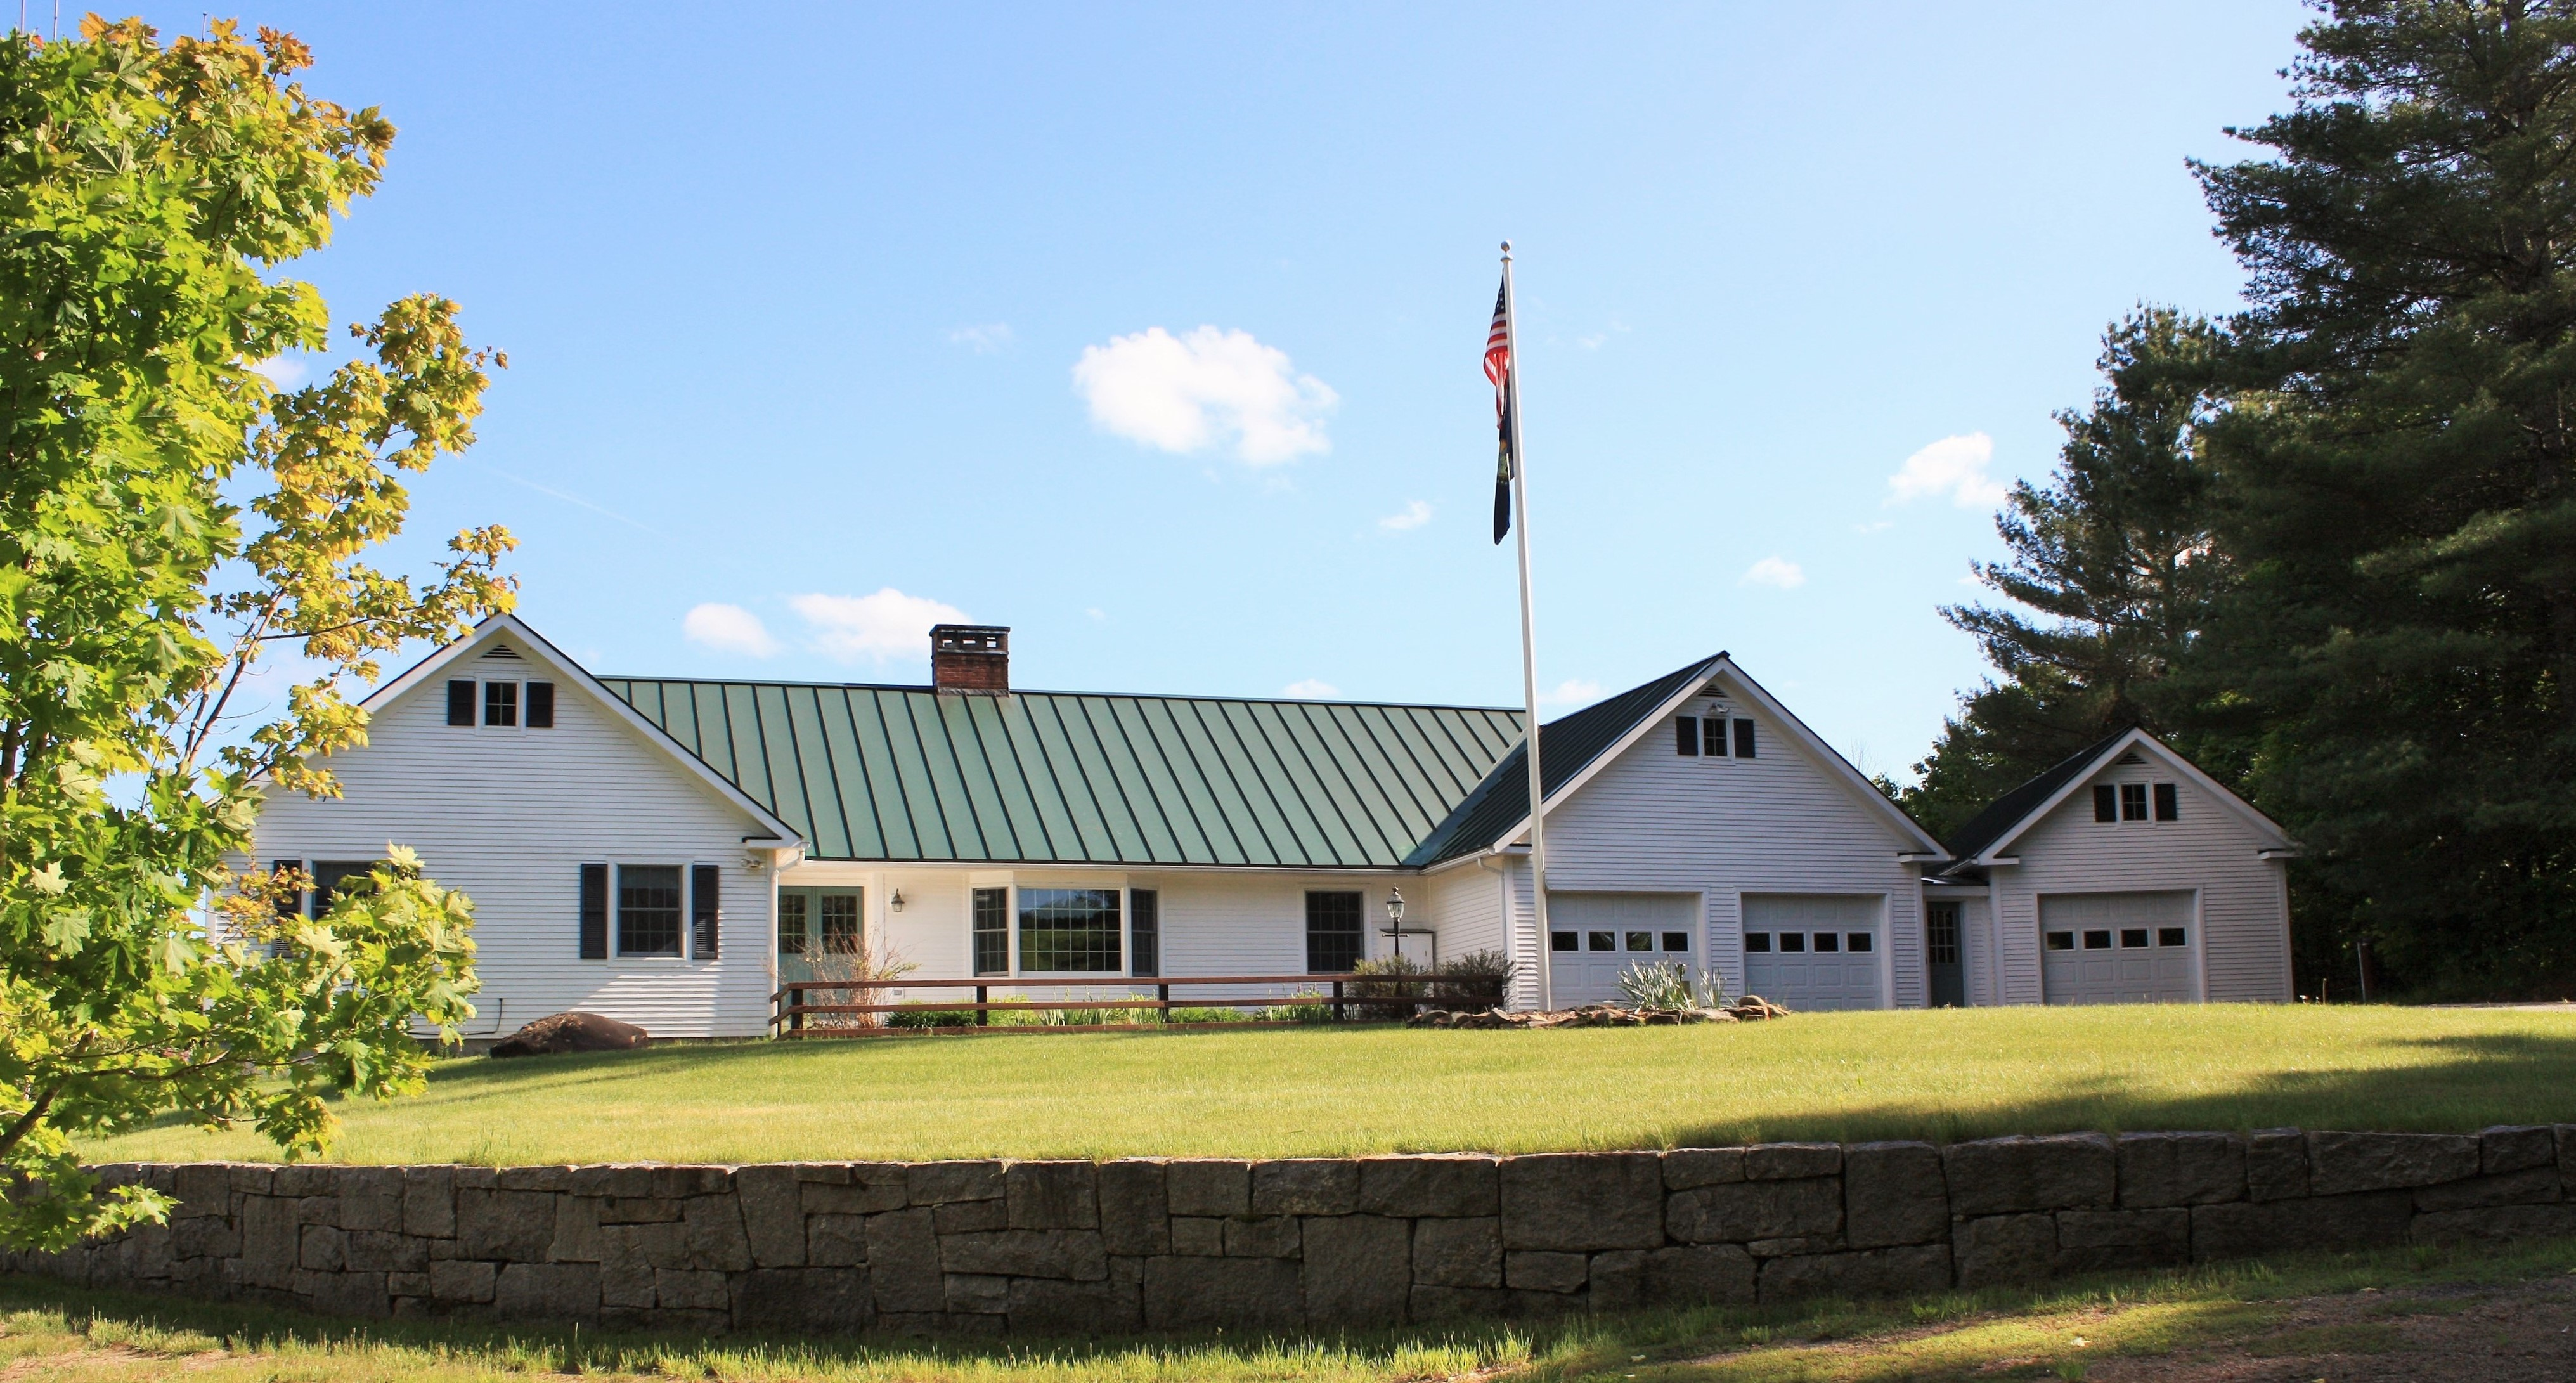 단독 가정 주택 용 매매 에 2199 Trestle Rd, Danville Danville, 베르몬트, 05828 미국